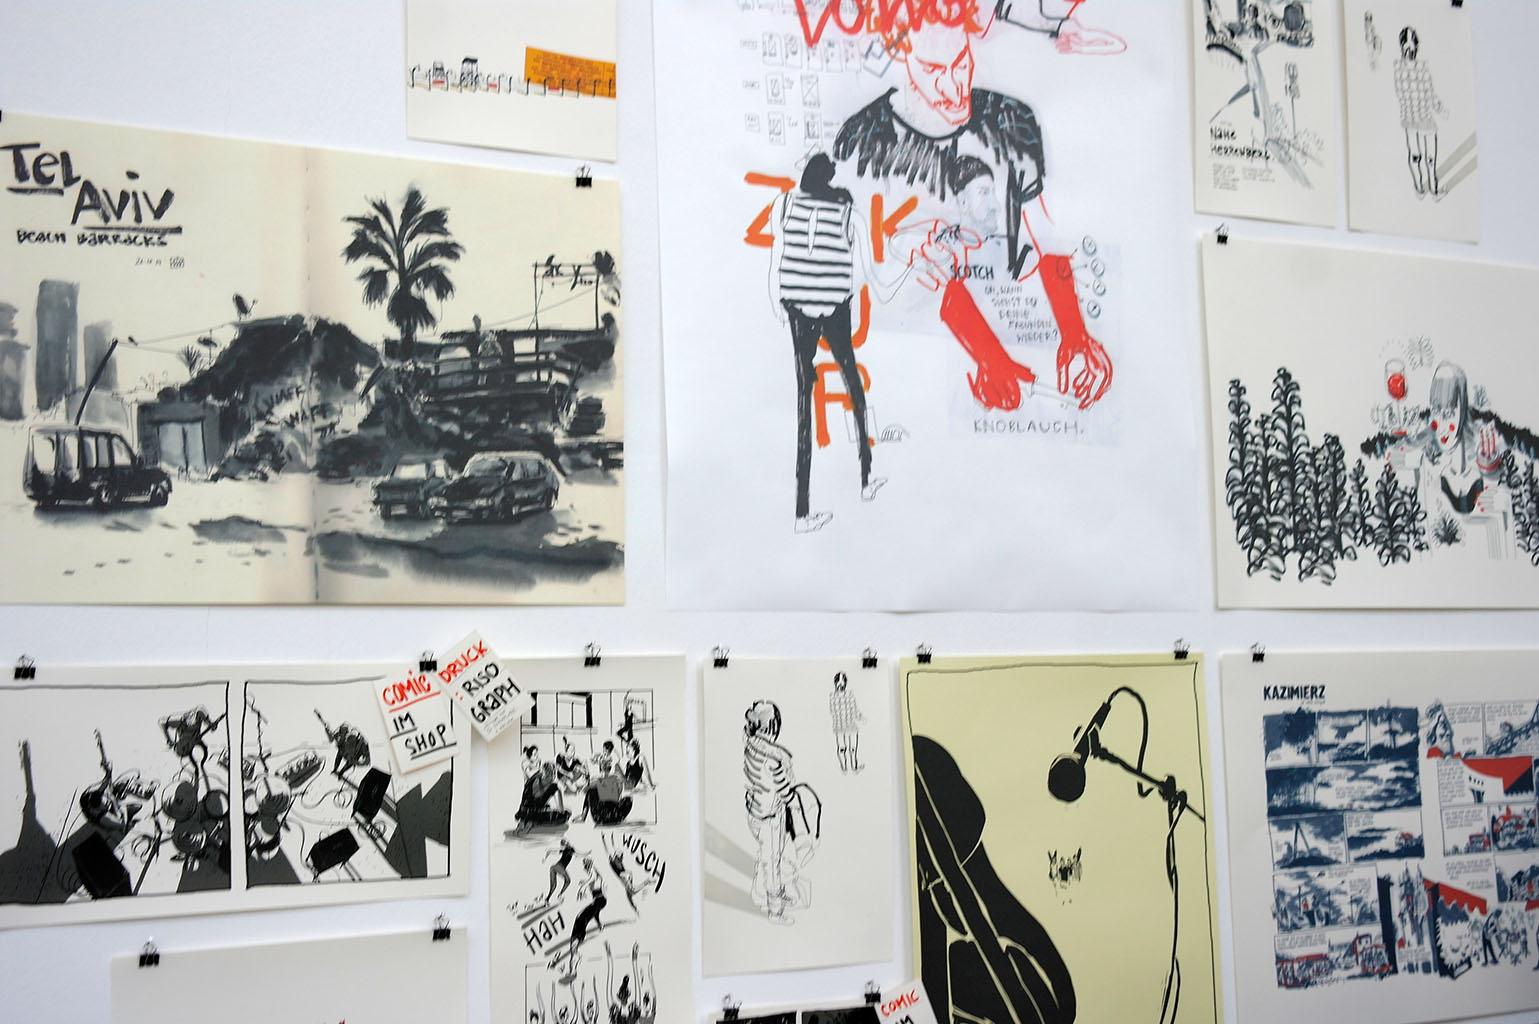 illu16-illustratoren-festival-köln-skizzen-hans-christian-sanladerer